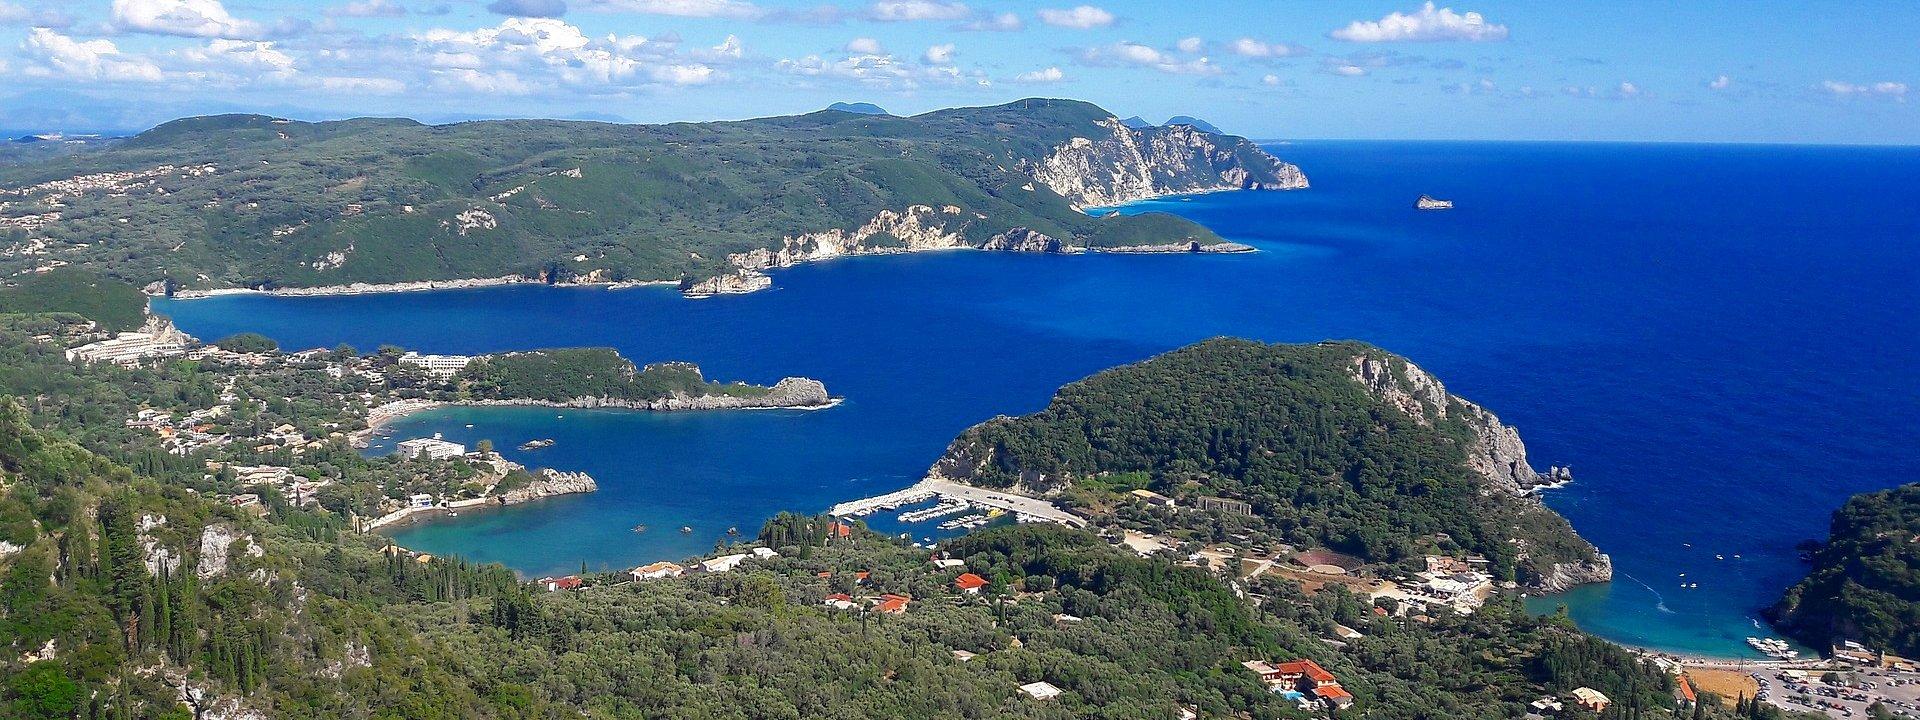 Krf, Grčka